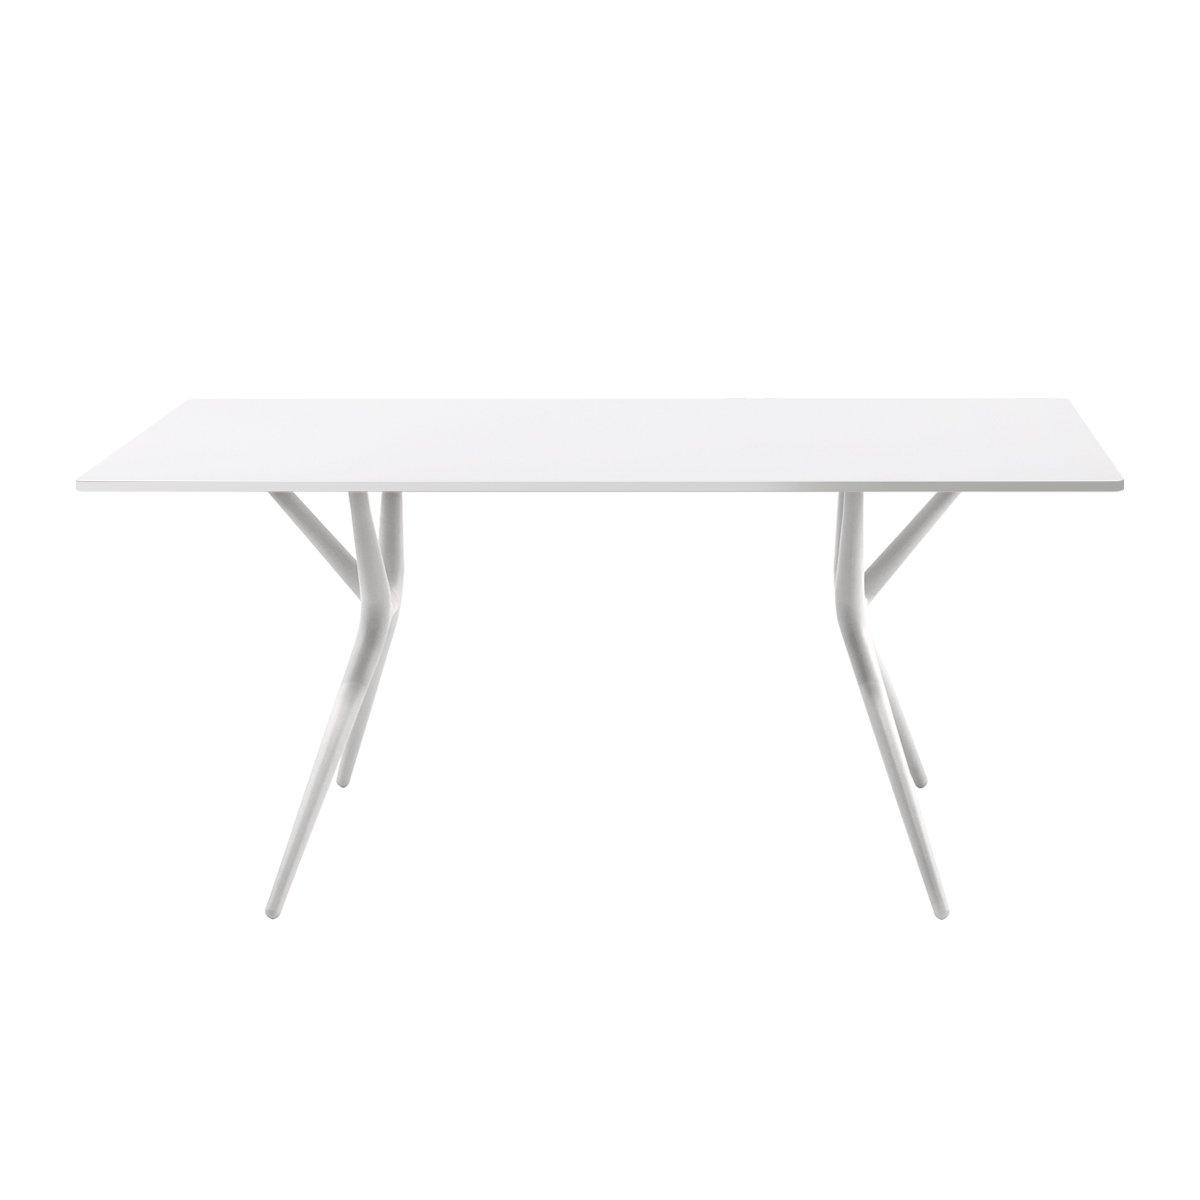 Kartell Spoon Tisch 160cm, weiß Tischgestell weiß 160x80cm